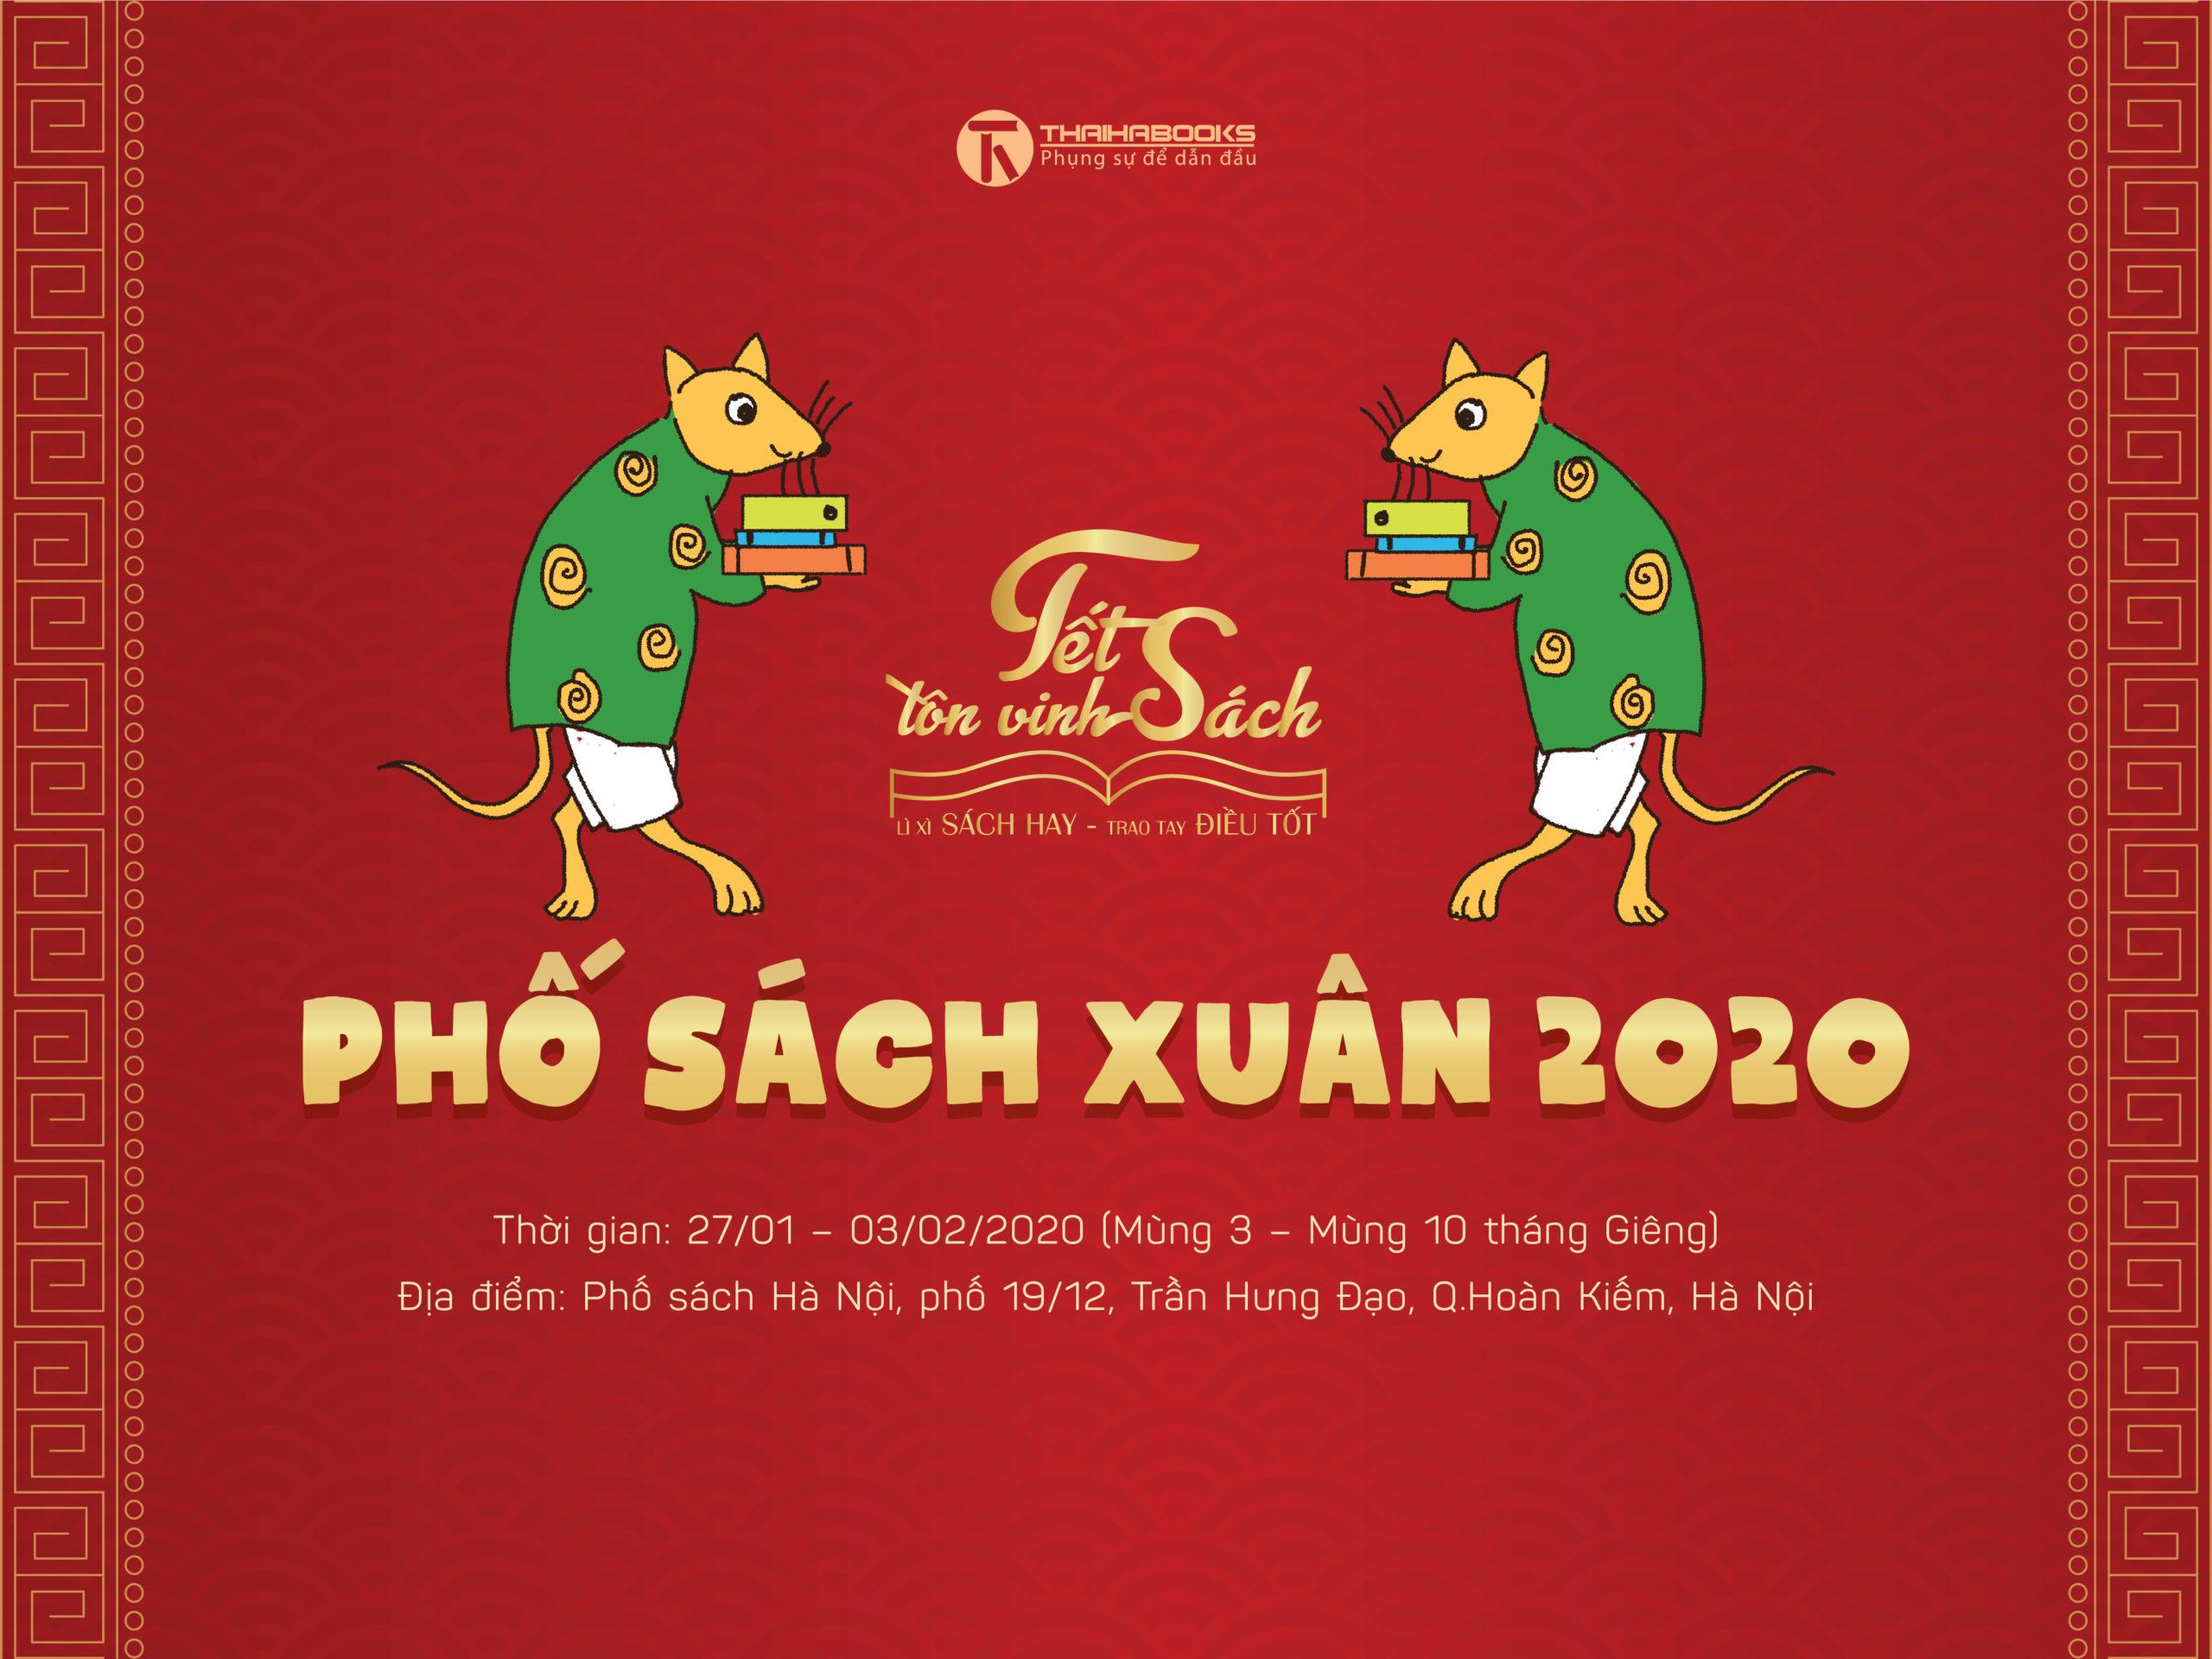 Mùng 3 Tết – mùng 10 tháng Giêng: Phố sách Xuân 2020 tại Hà Nội